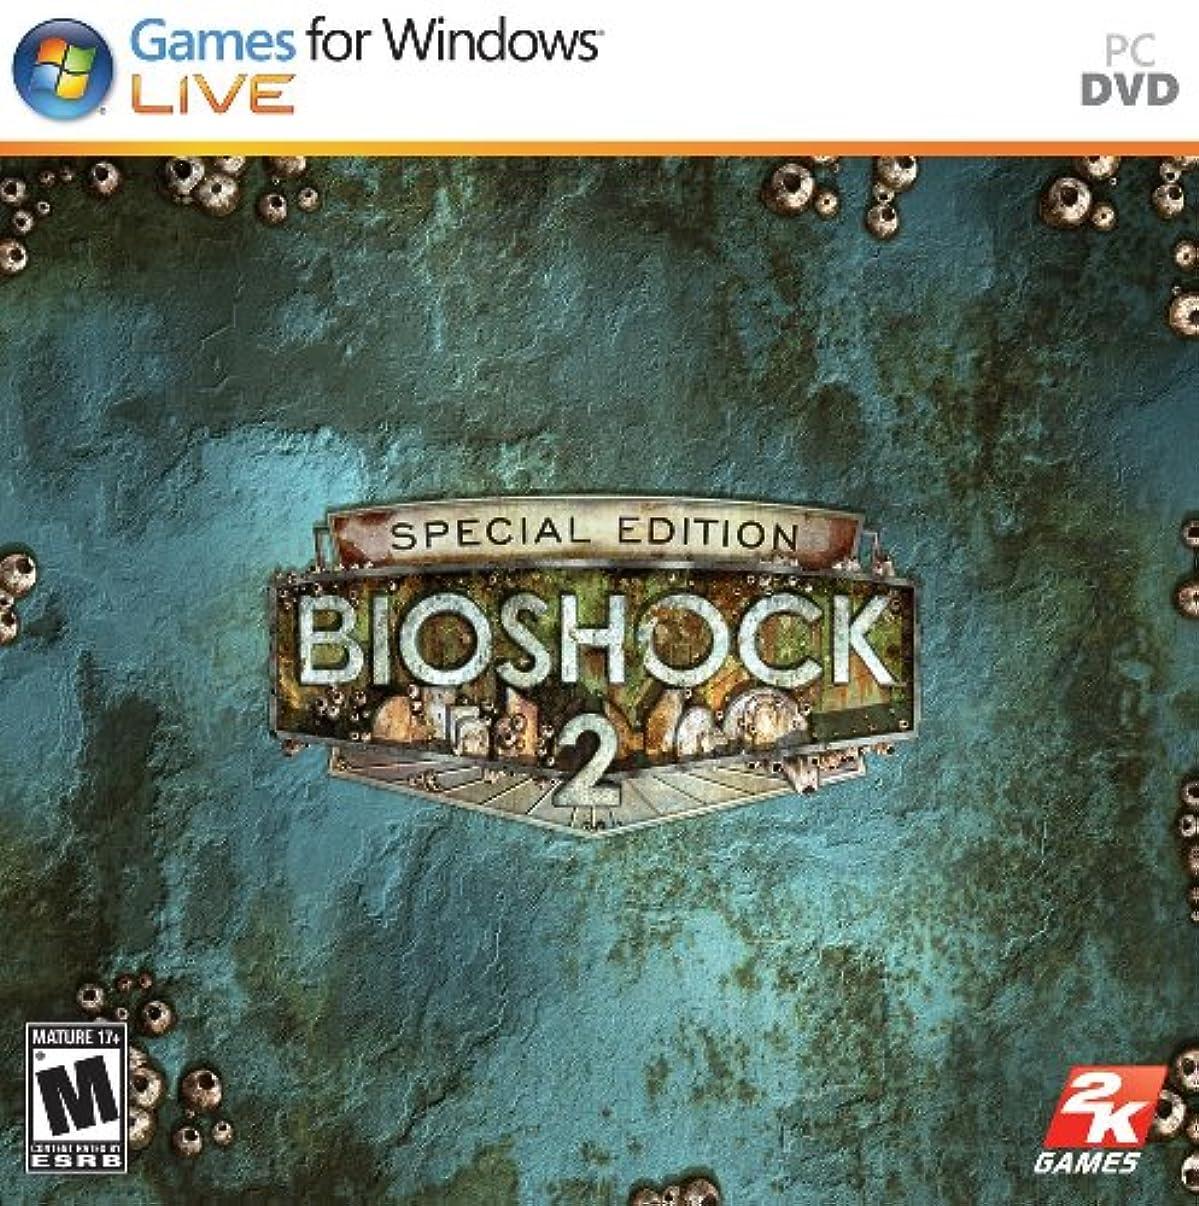 デュアルサスペンドトランクライブラリBioShock 2 Special Edition (輸入版)